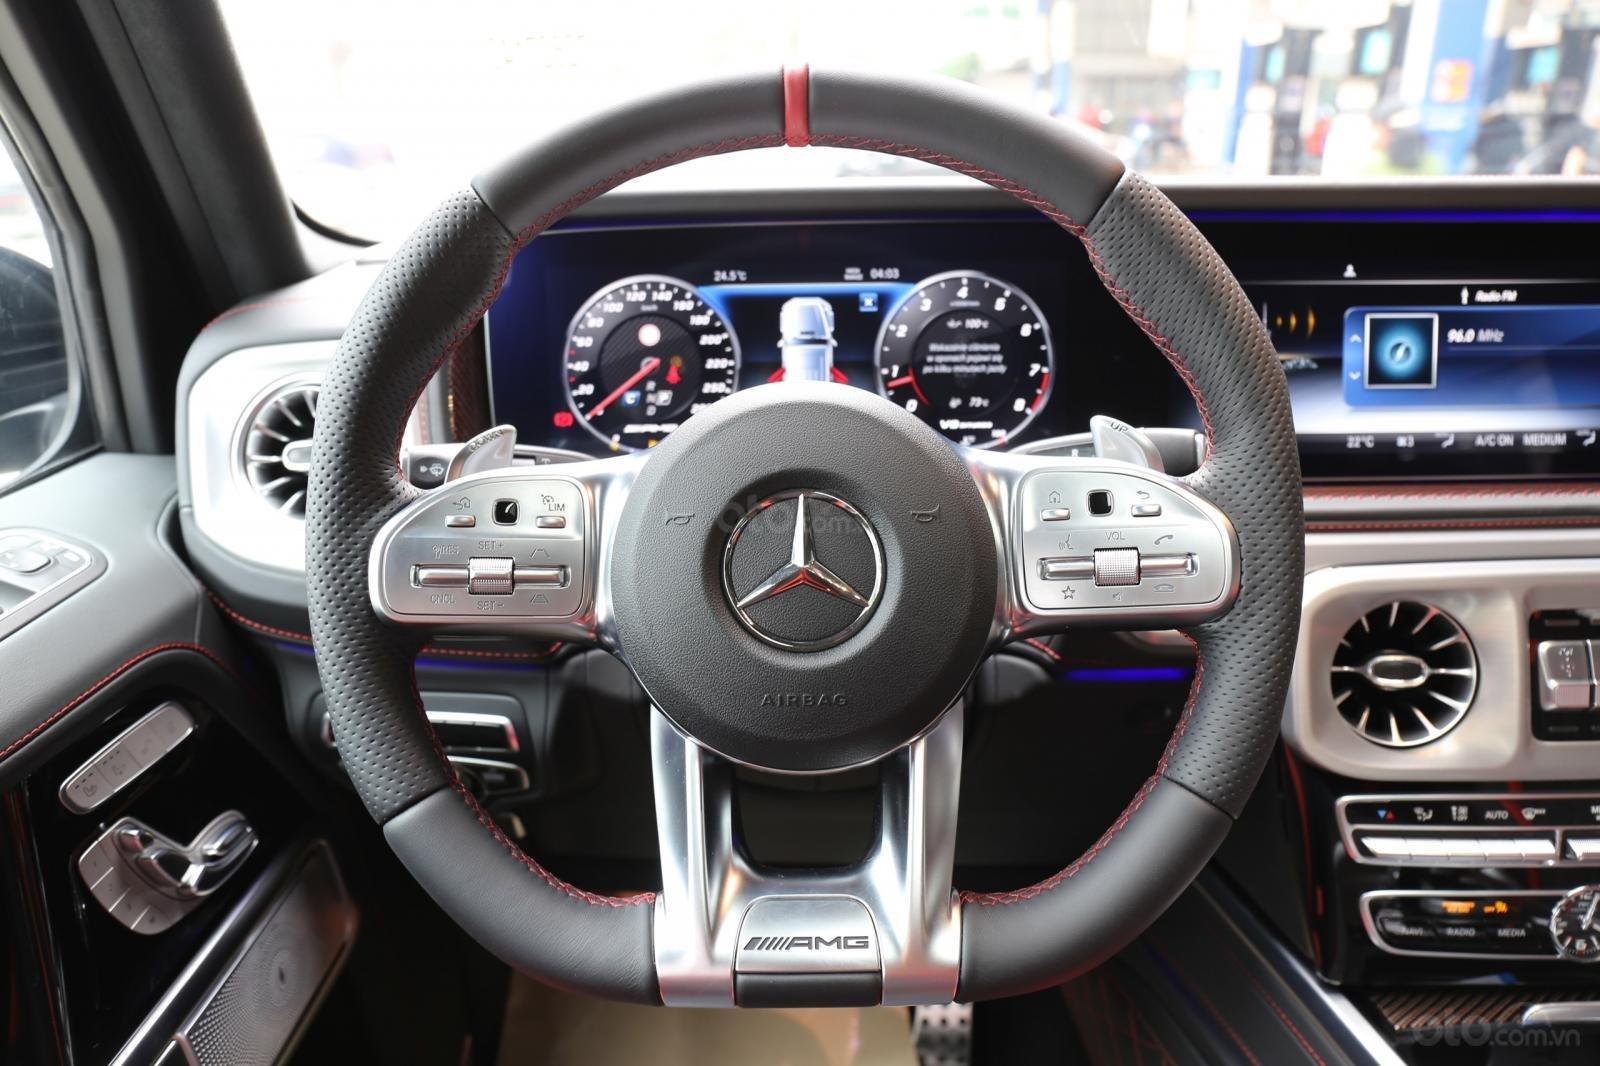 Cần bán Mercedes G63 AMG Edition 1 năm 2019, màu đen, xe nhập (10)